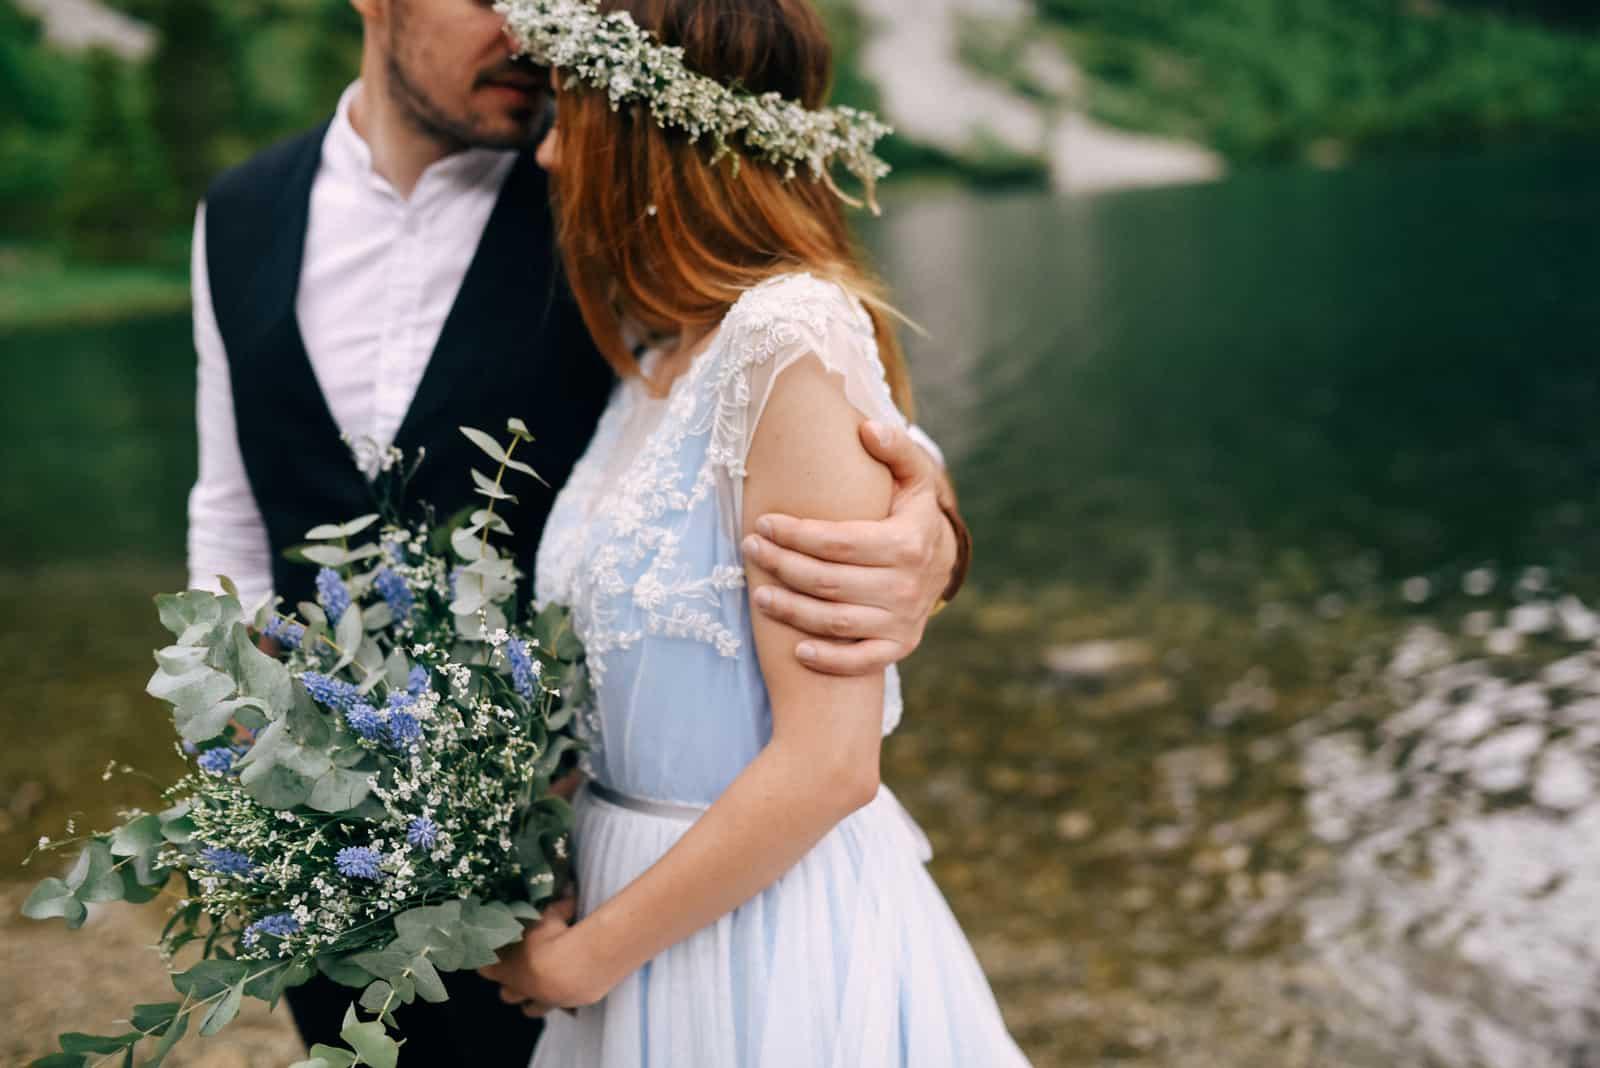 Hand des Bräutigams auf dem Arm der Braut